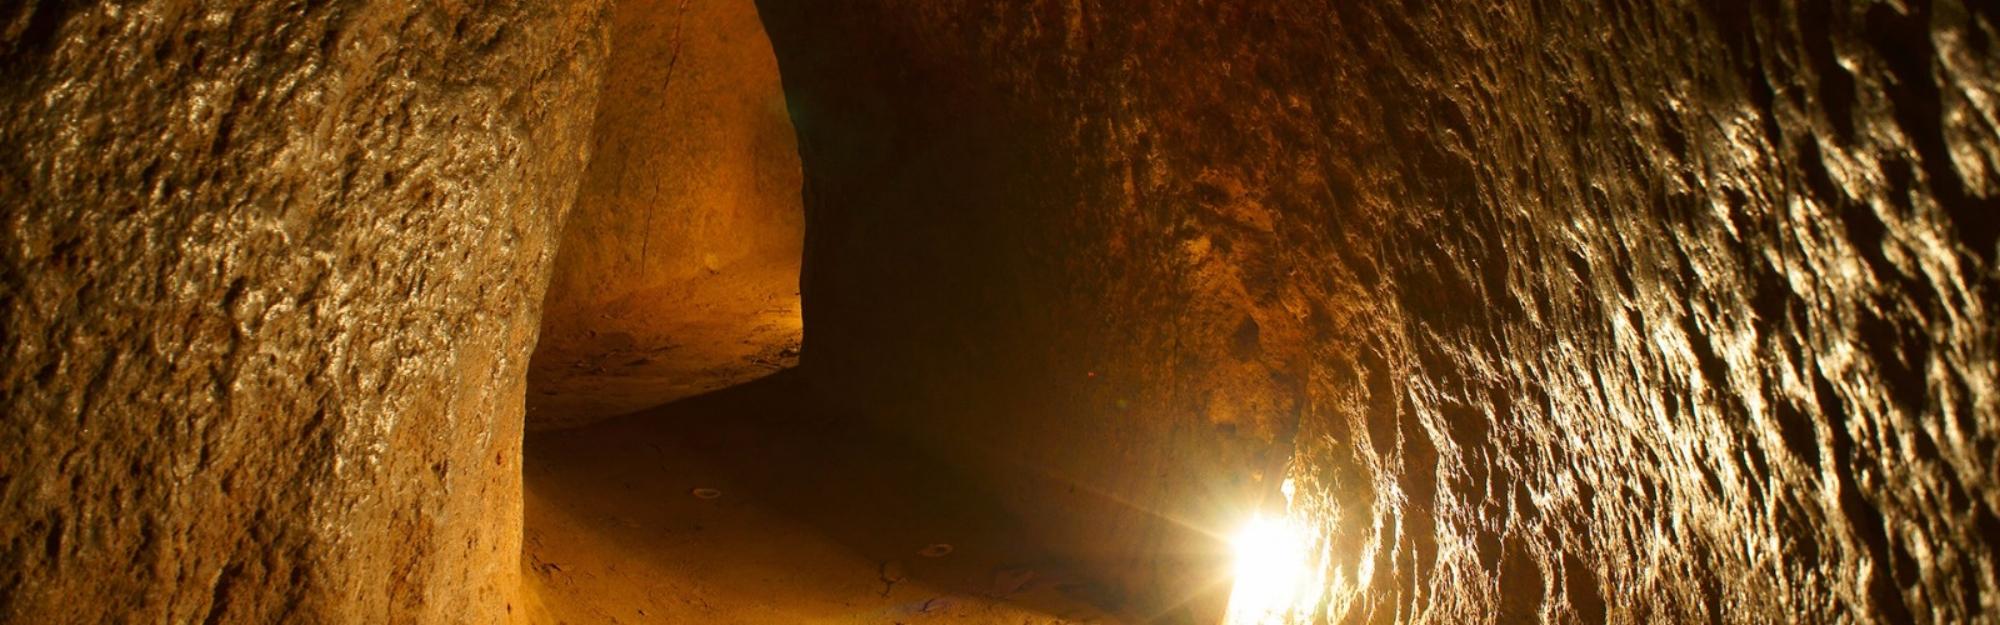 cu-chi-tunnel.jpg